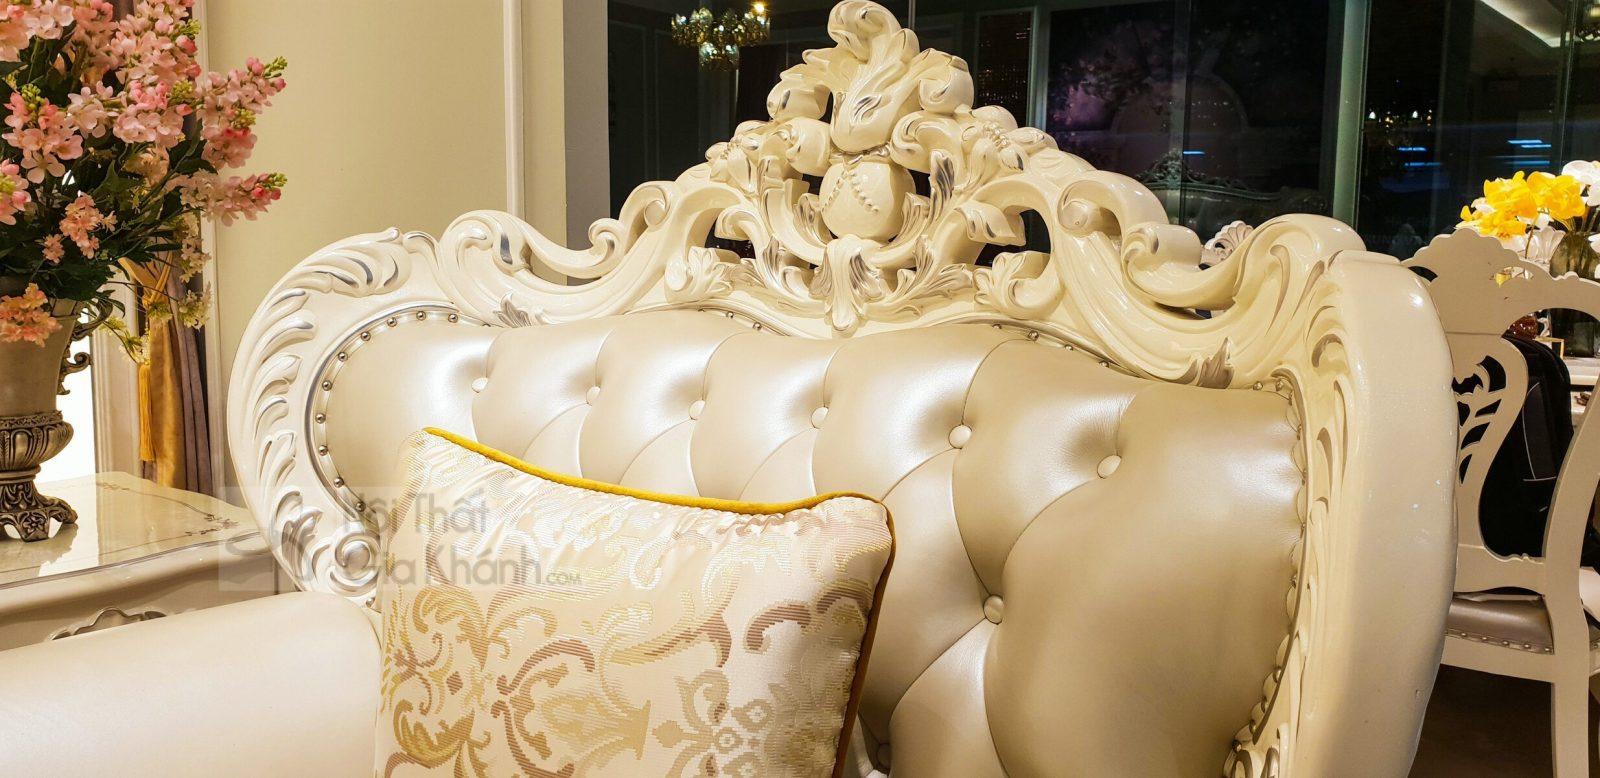 bo ghe sofa tan co dien sang trong cho phong khach sb931h 123 3 - Bộ ghế sofa tân cổ điển sang trọng cho phòng khách SB931H-123